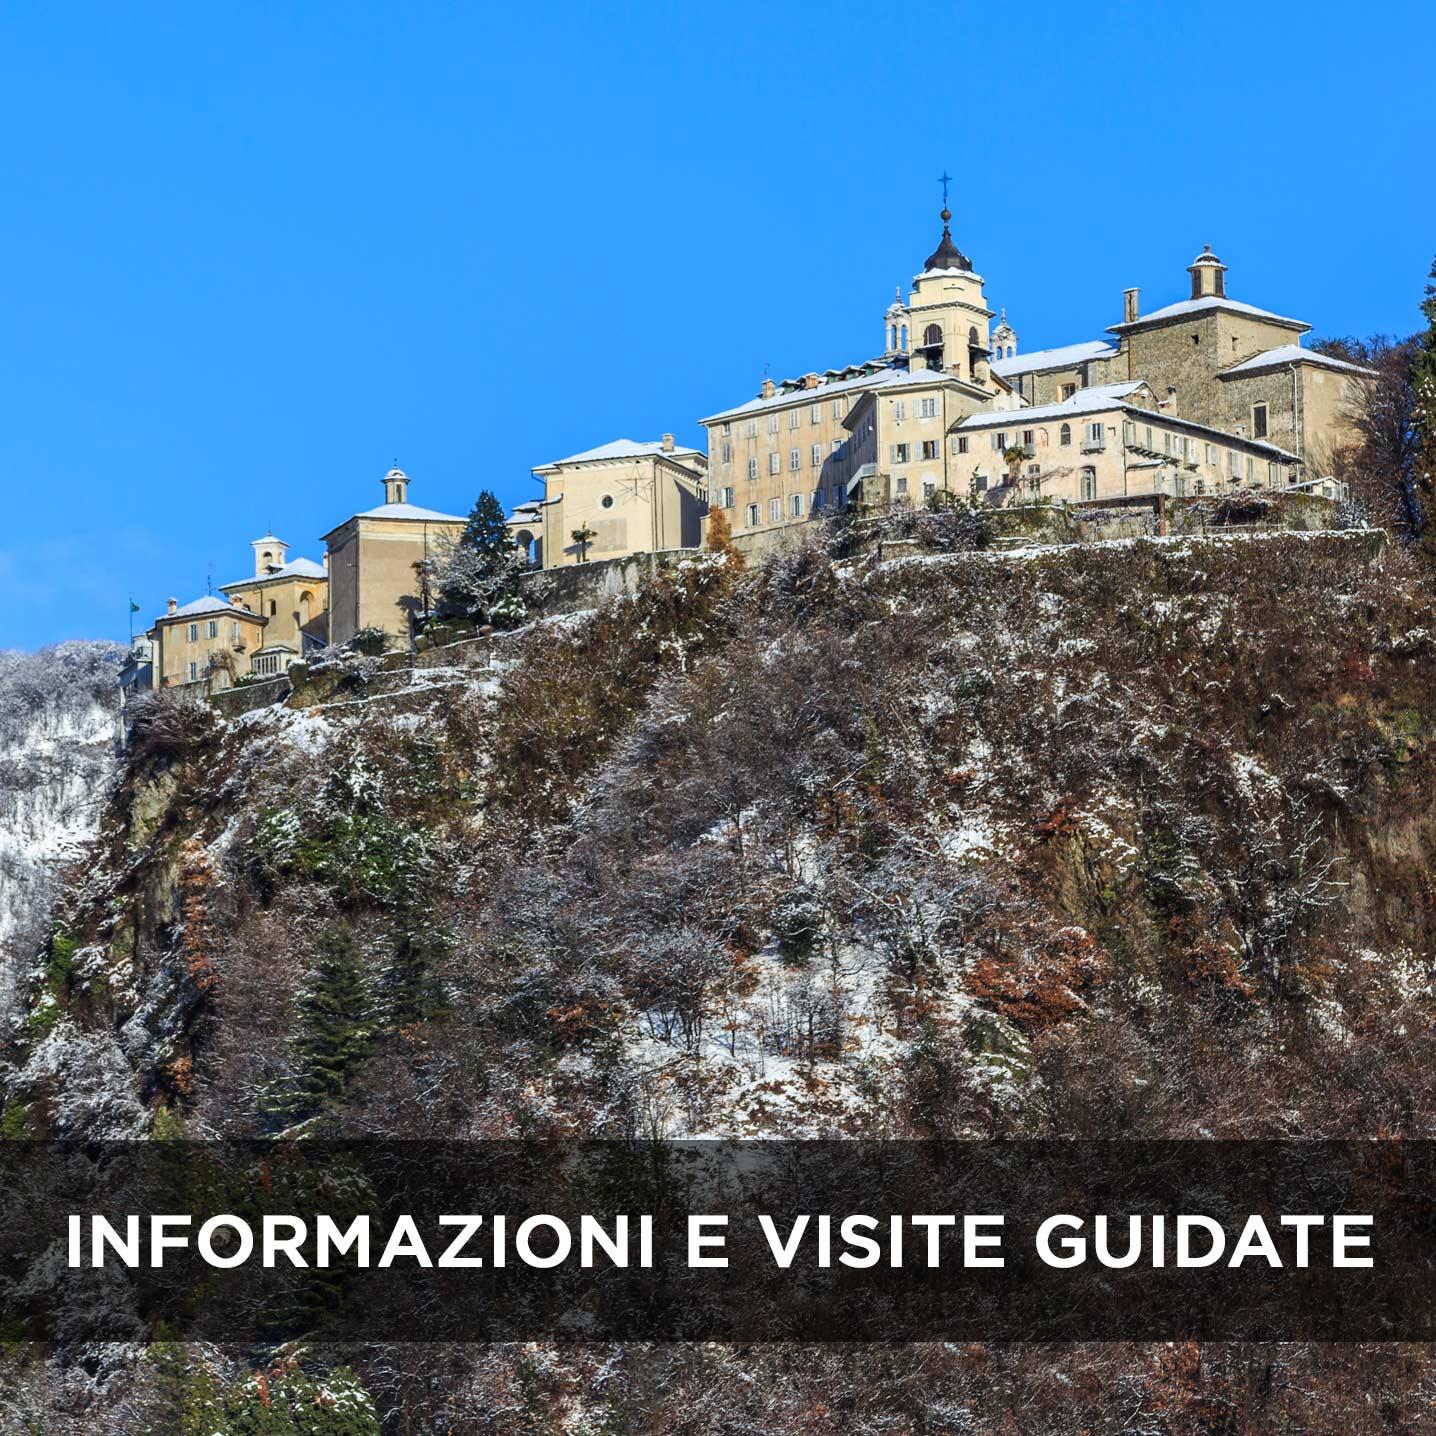 Sacro Monte di Varallo informazioni e visite guidate